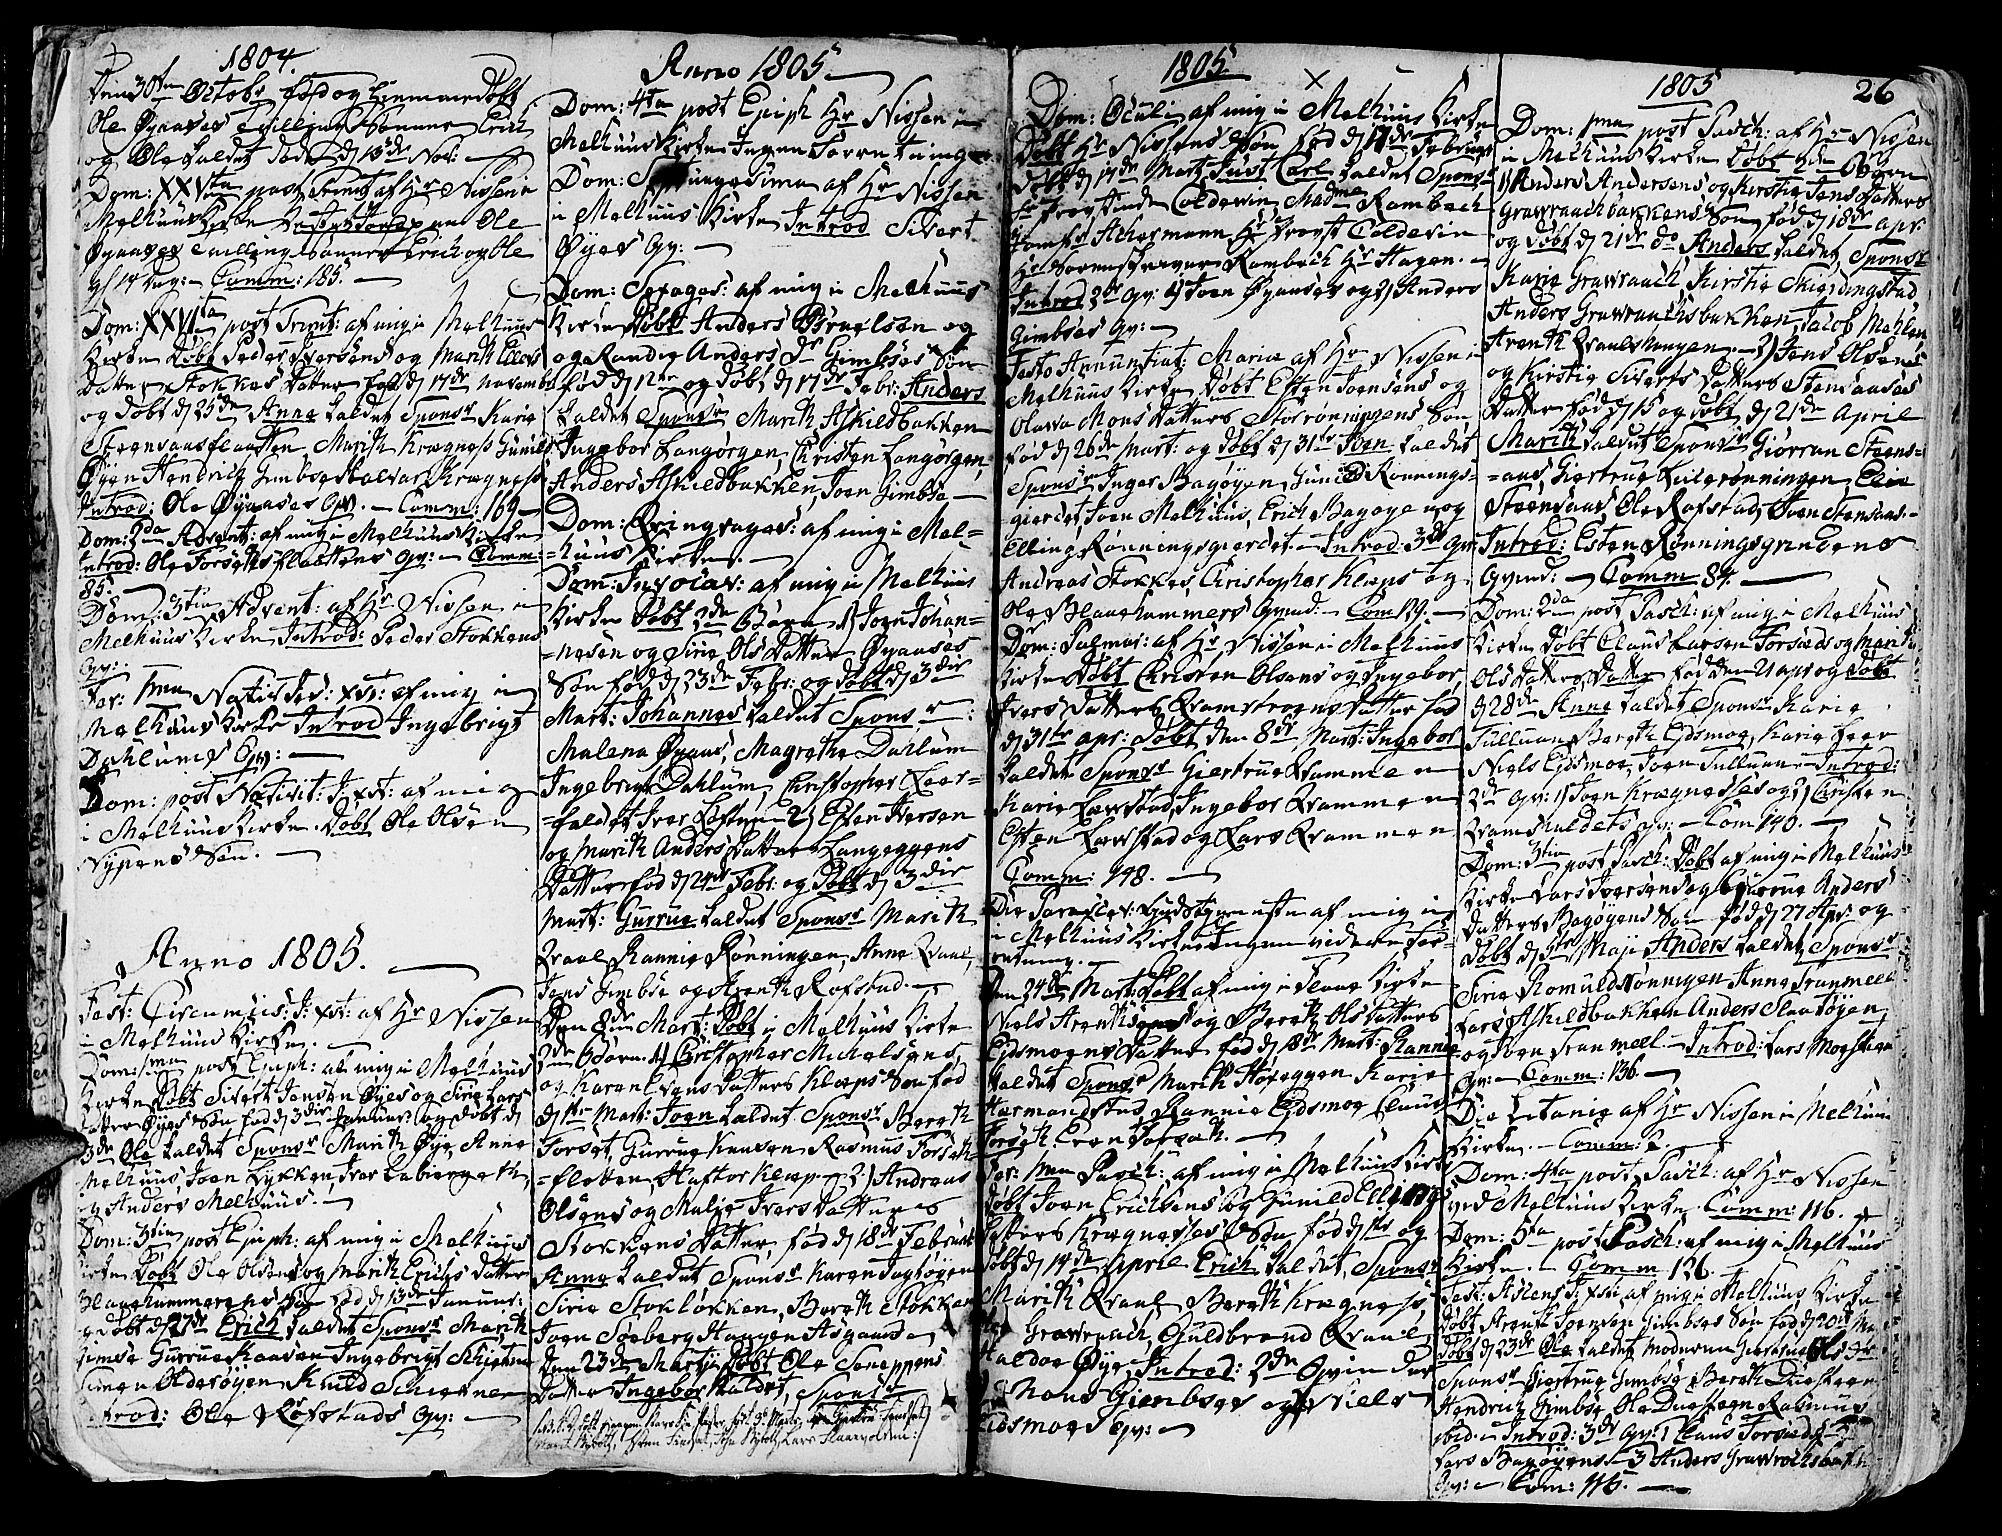 SAT, Ministerialprotokoller, klokkerbøker og fødselsregistre - Sør-Trøndelag, 691/L1061: Ministerialbok nr. 691A02 /1, 1768-1815, s. 26